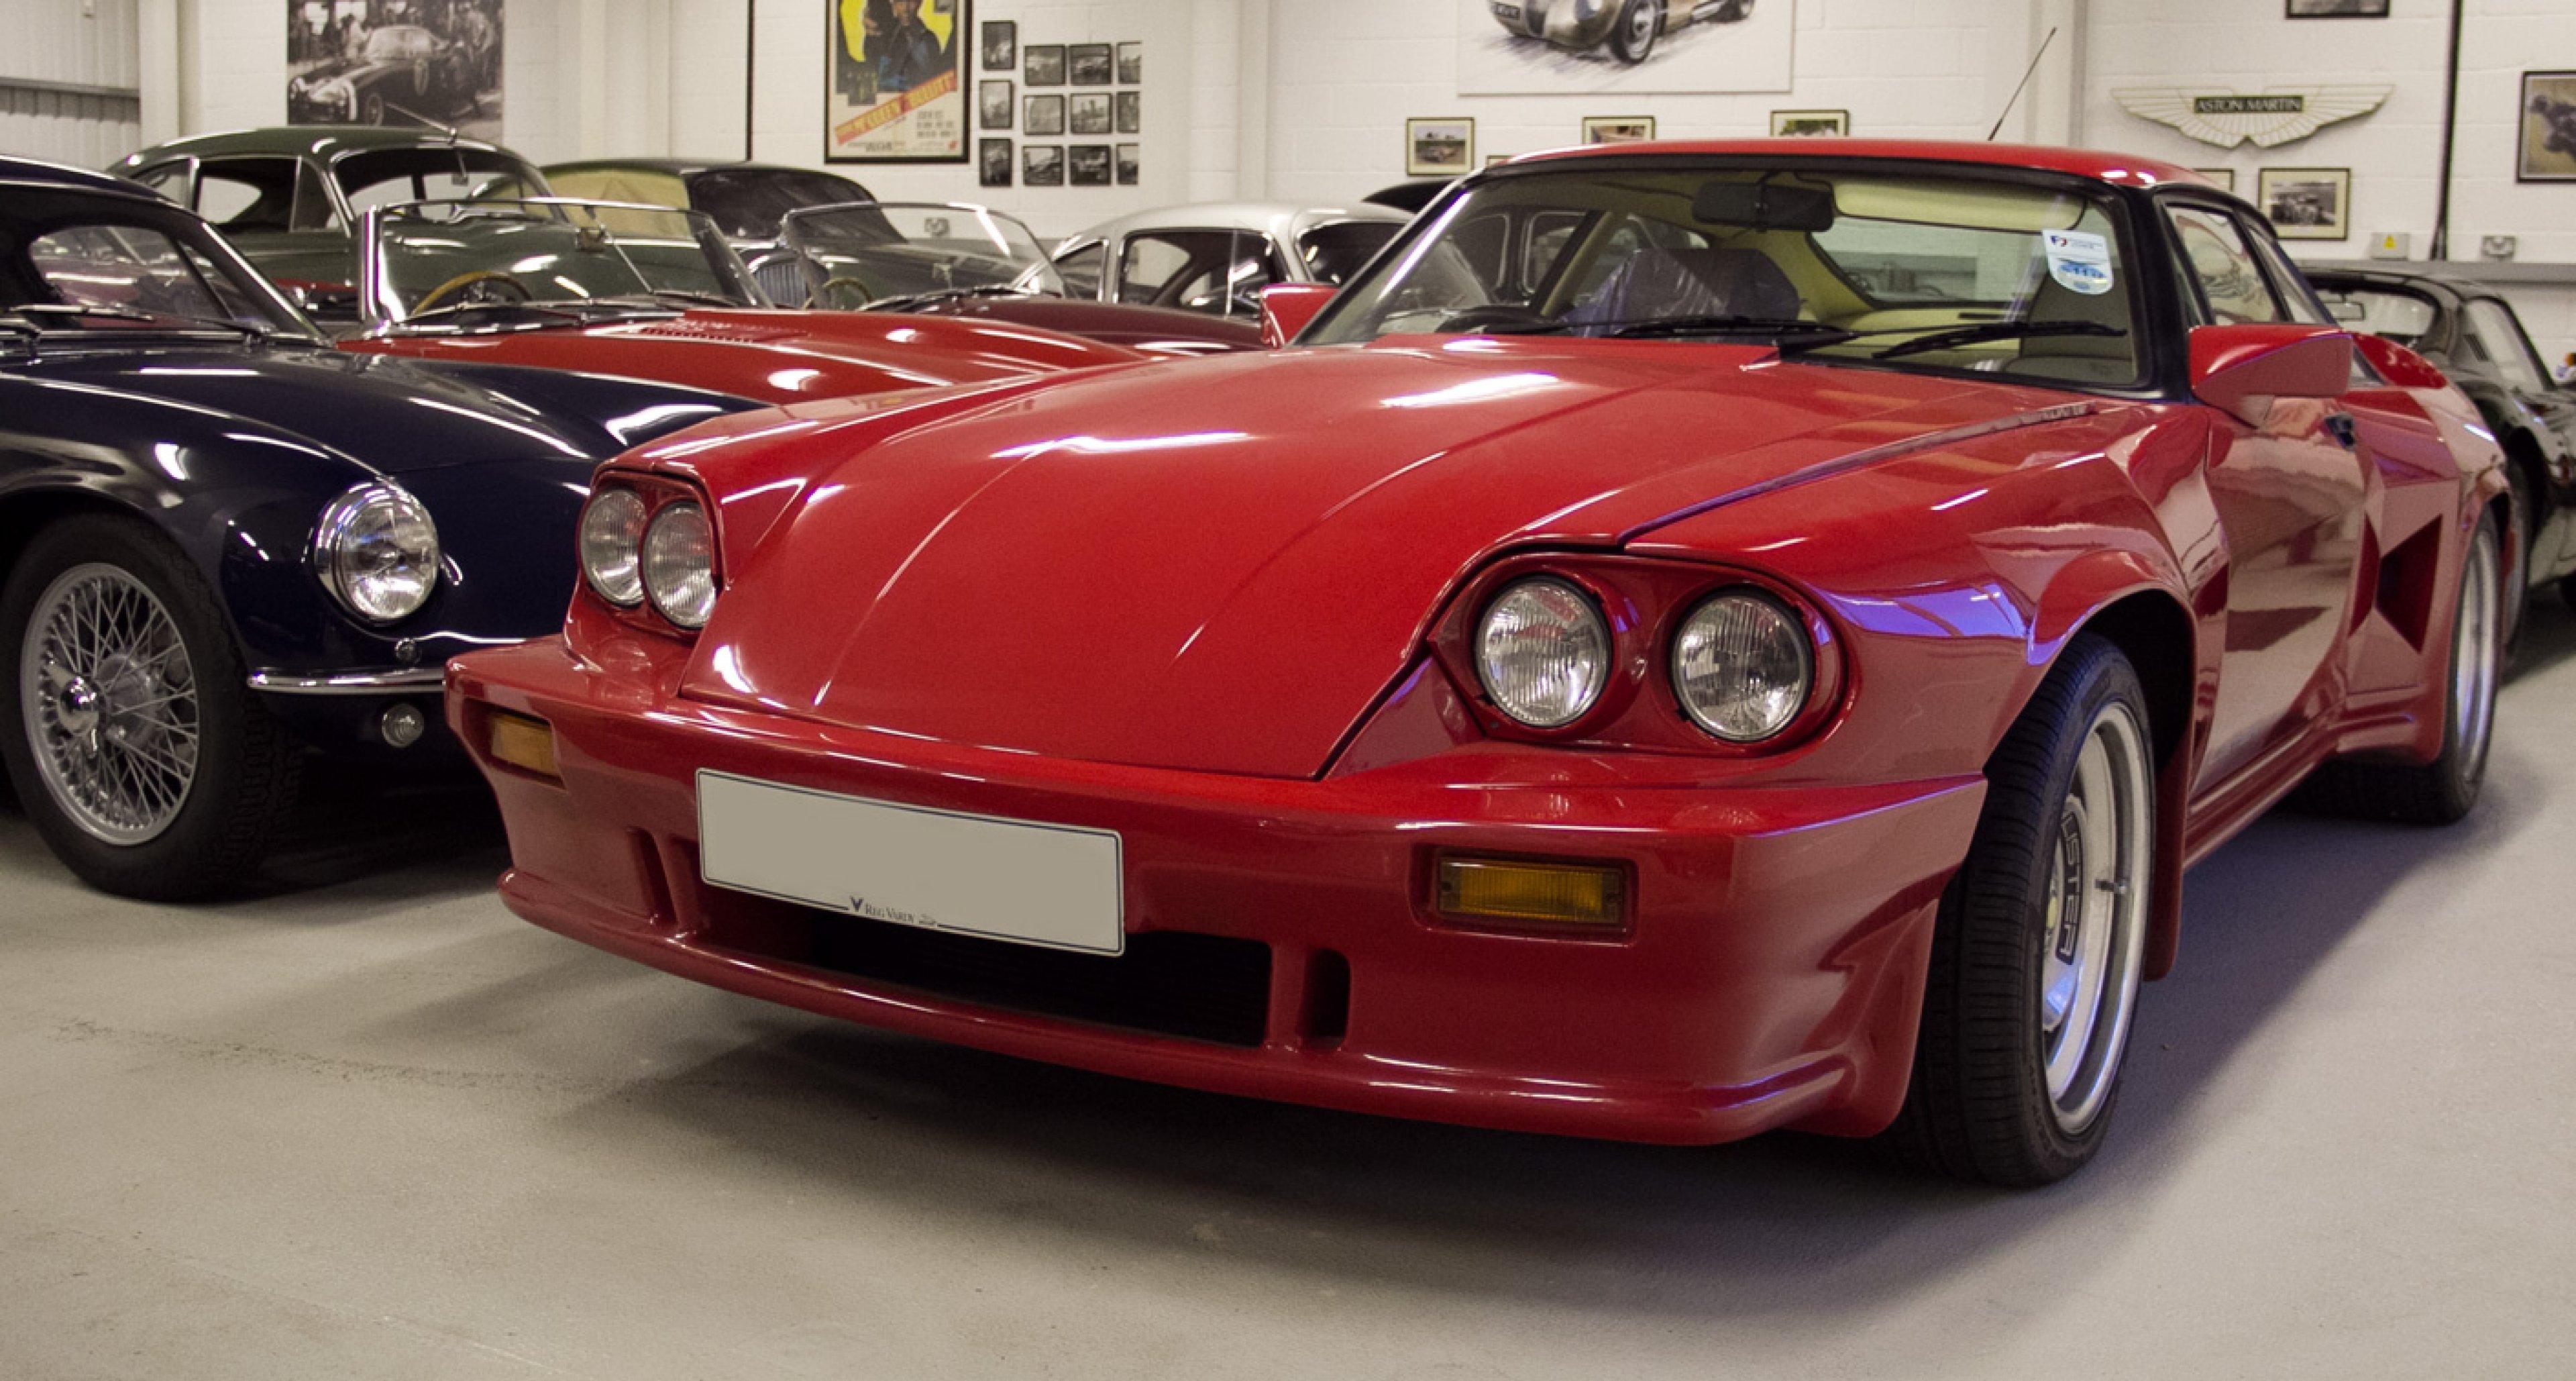 Lister Le Mans XJ-S